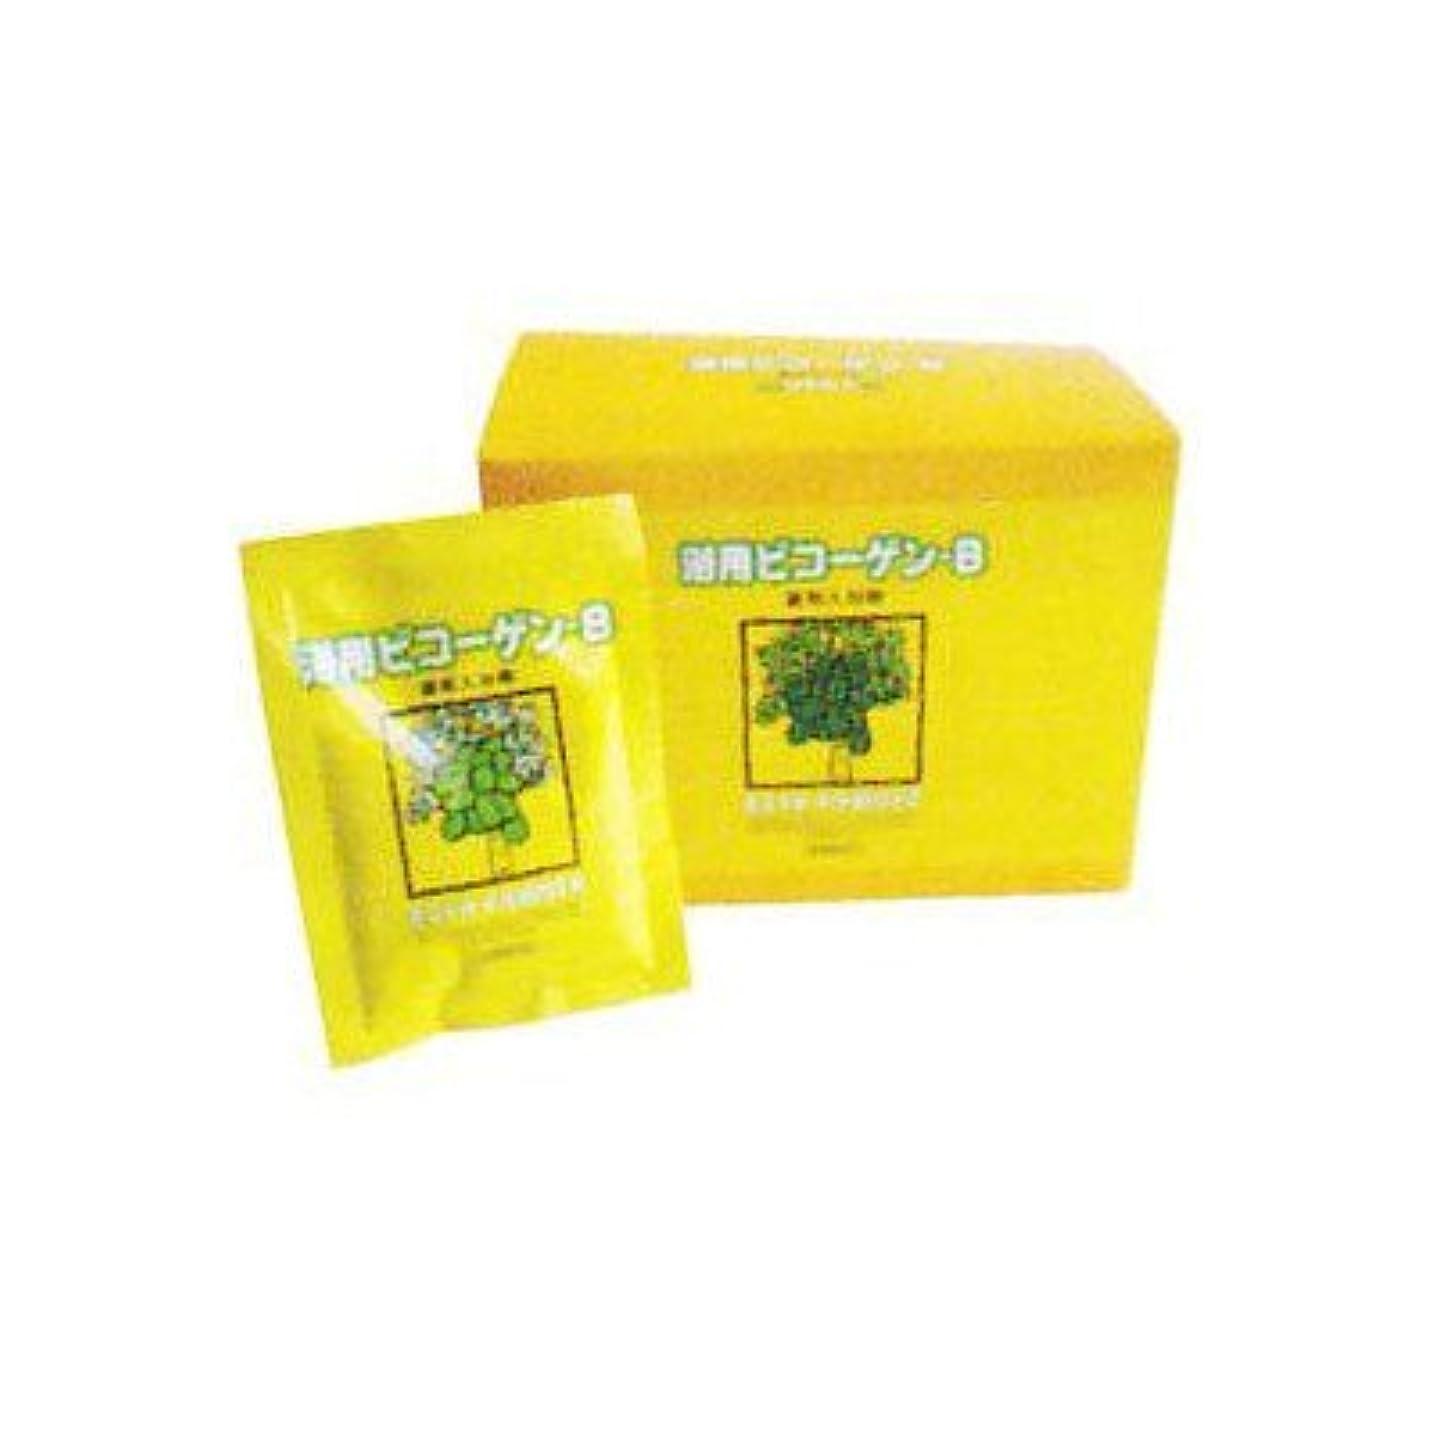 豊富な疑い即席酸素入浴剤 リアル 浴用 ビコーゲン B 分包タイプ a221074